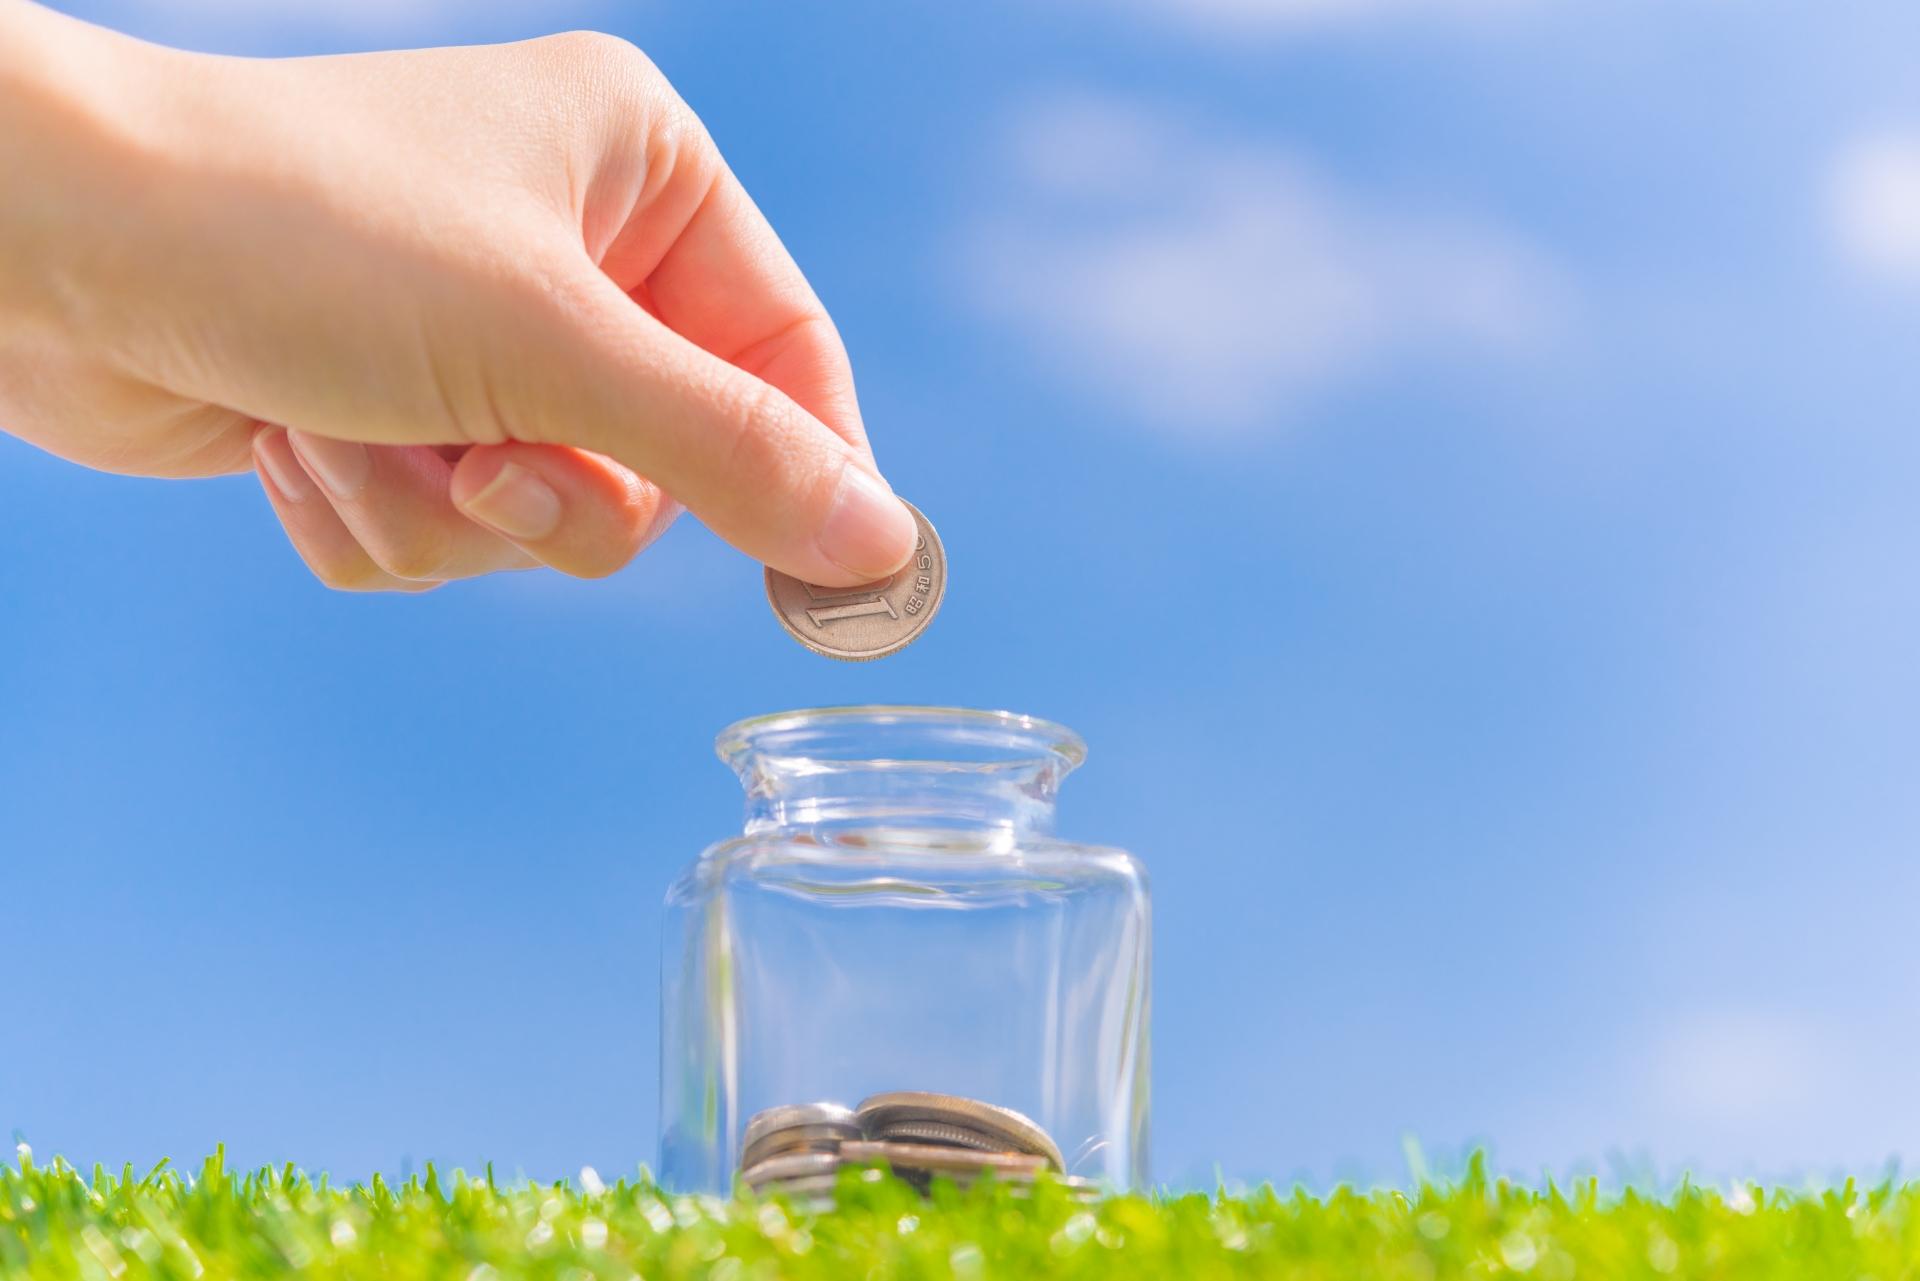 数千万円の資産を作るのに「100円から積立投資可能」が重要な2つの理由